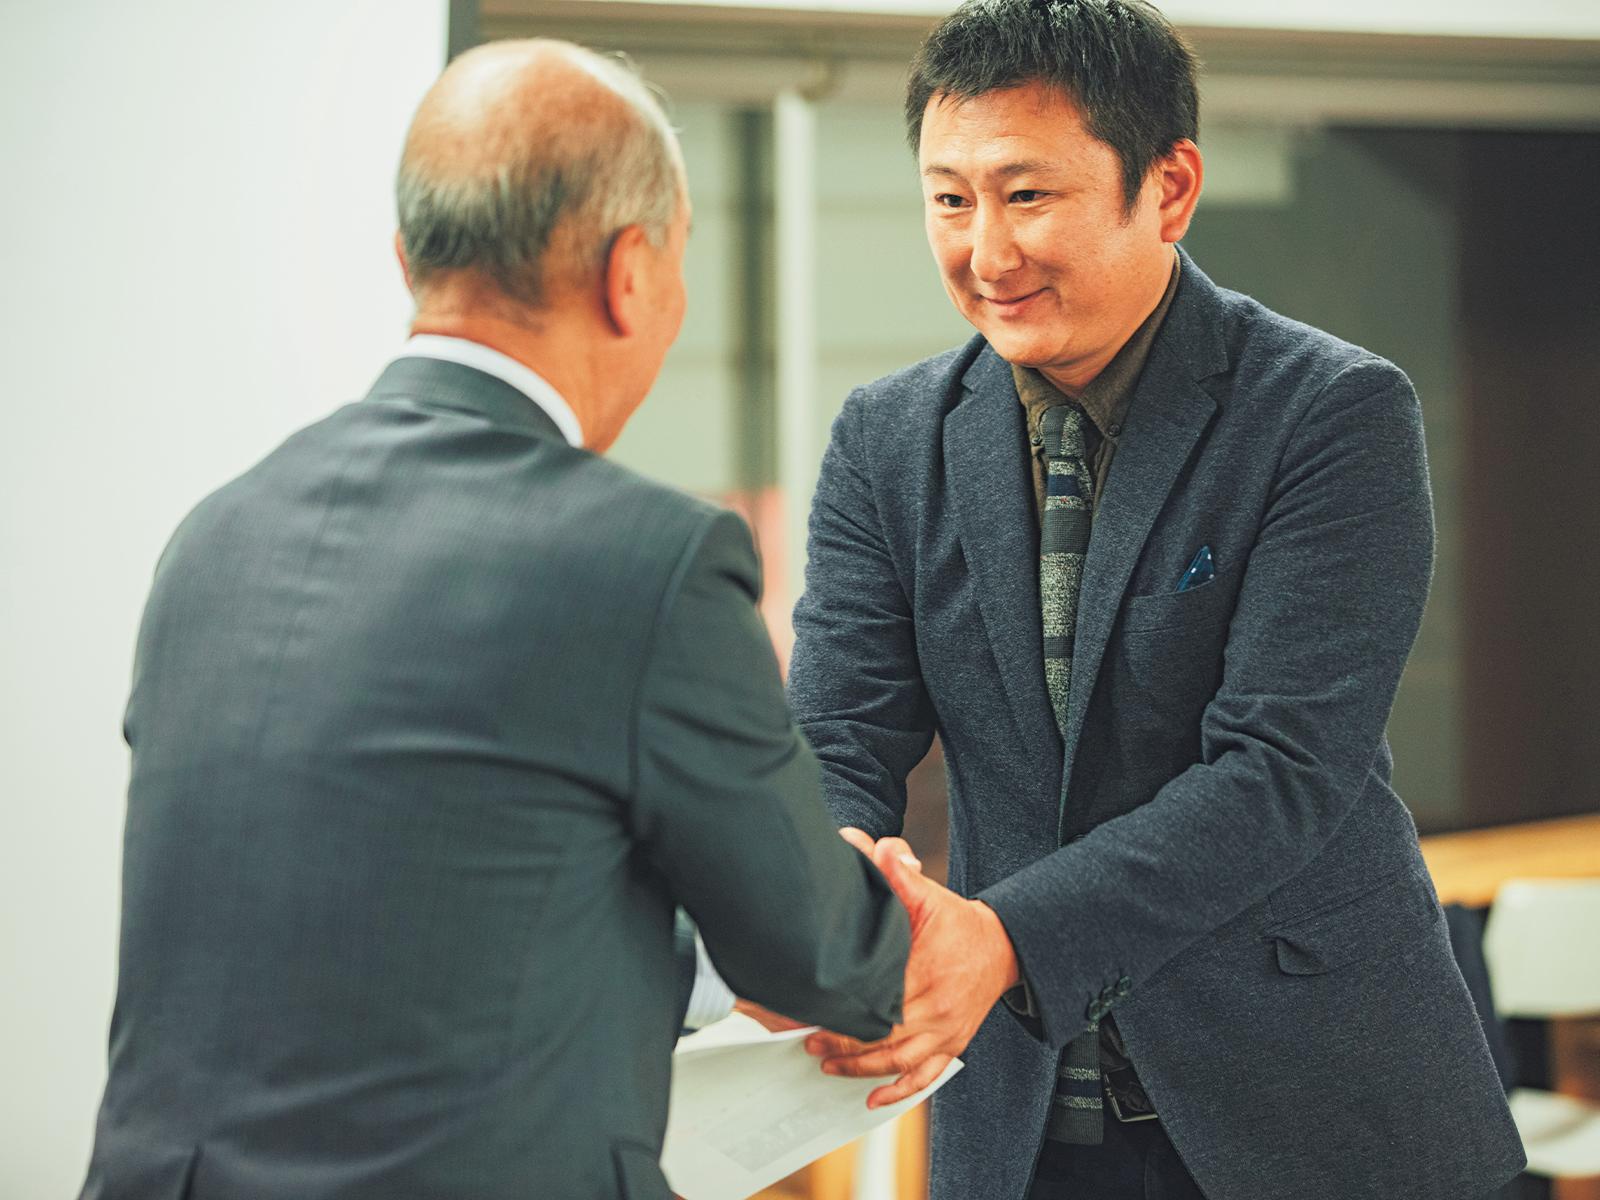 修了証を受け取り、副村長と握手を交わす受講生。